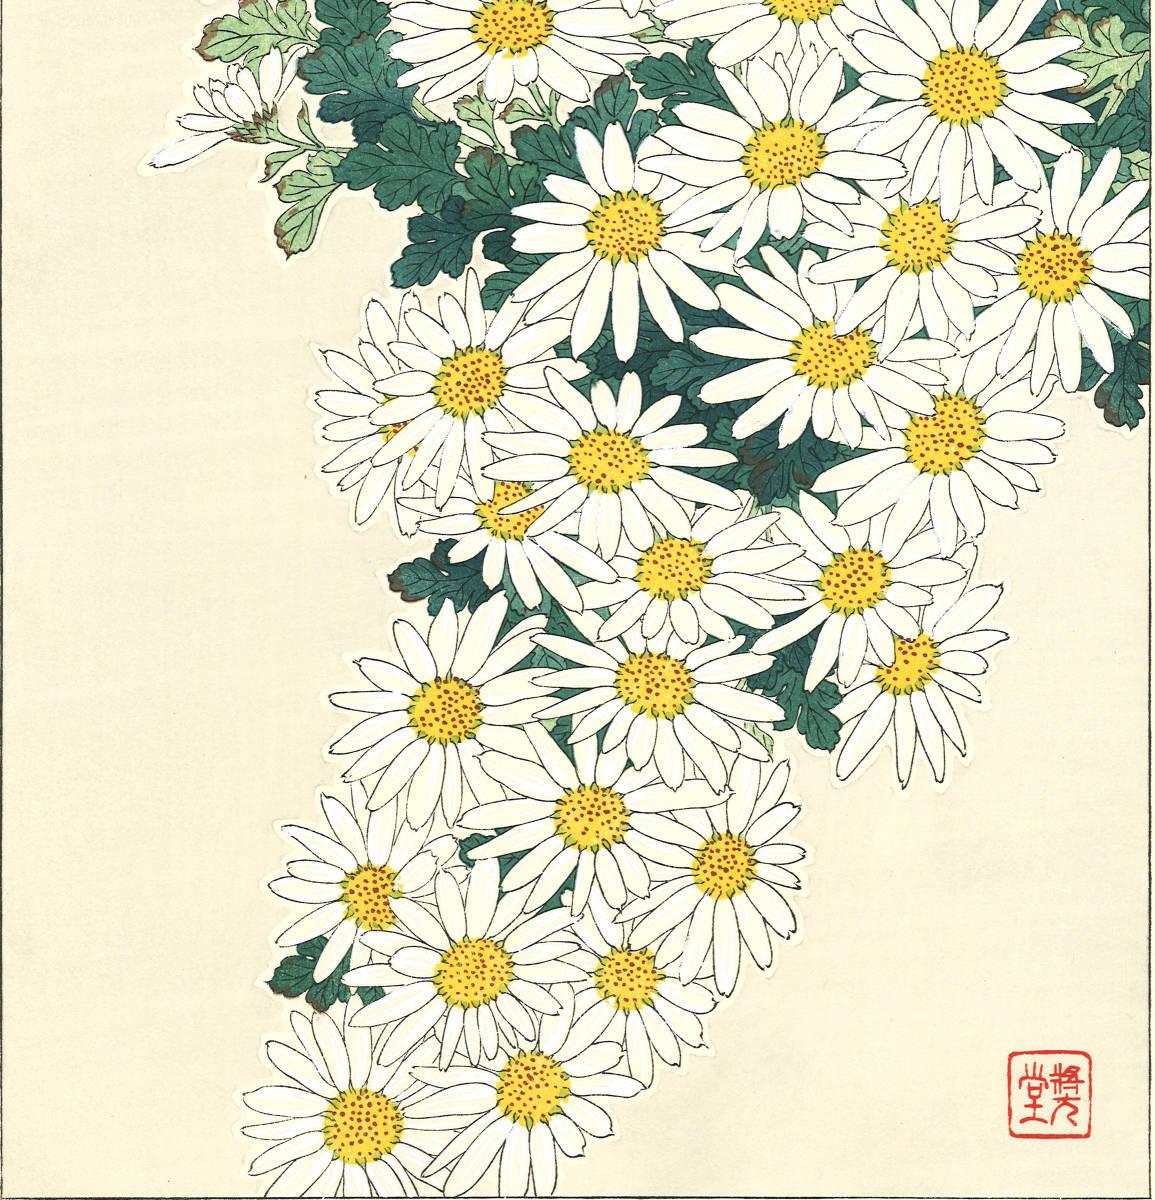 河原崎奨堂 (Kawarazaki Shodo) (1899~1973)木版画 F037 菊 花版画(Chrysanthemum)初版昭和初期~京都の一流の摺師の技をご堪能下さい。_画像8